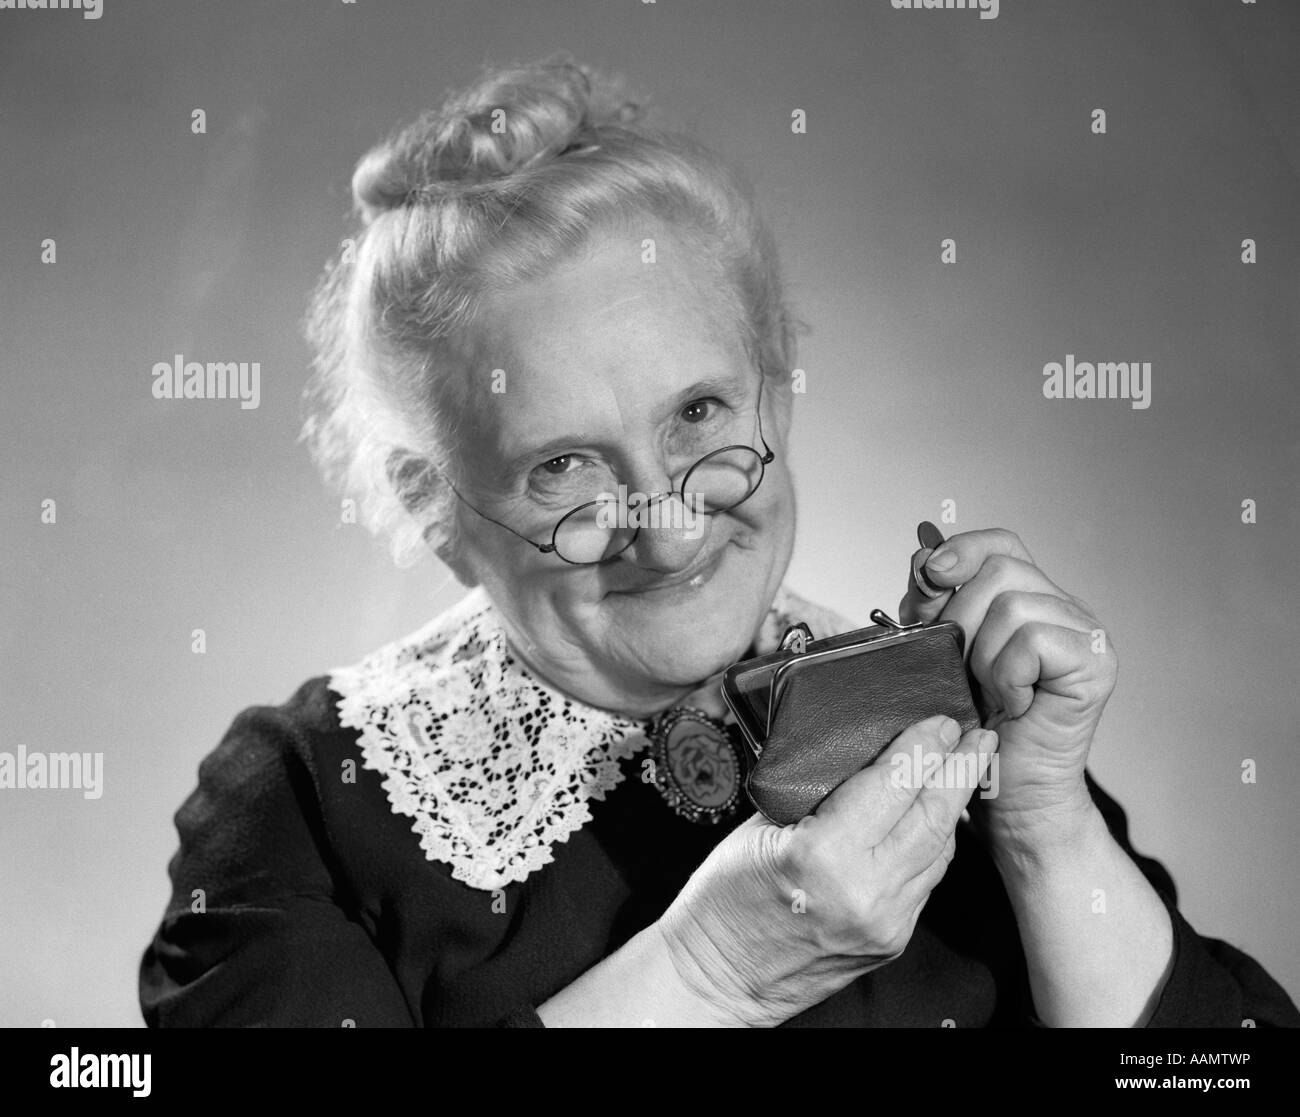 1950 Retrato de ancianos abuela poniendo el cambio en el monedero Imagen De Stock